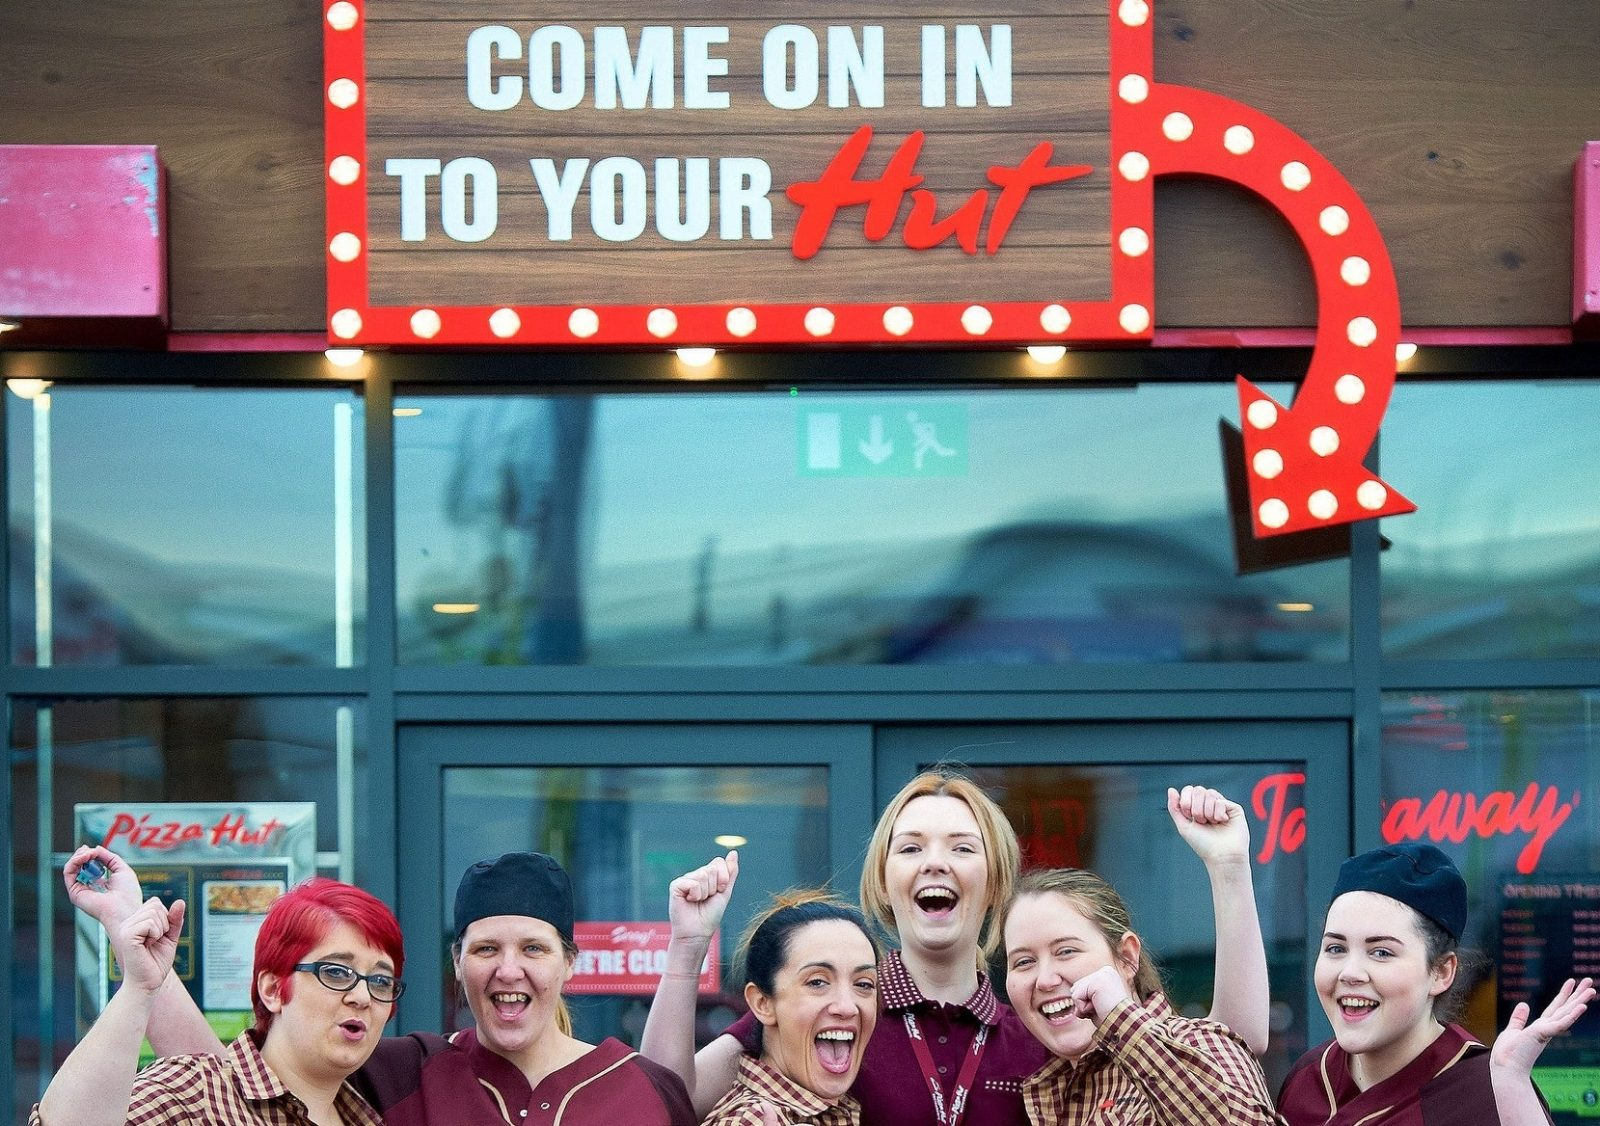 Rutland Partners Skills Minister Launches Pizza Hut